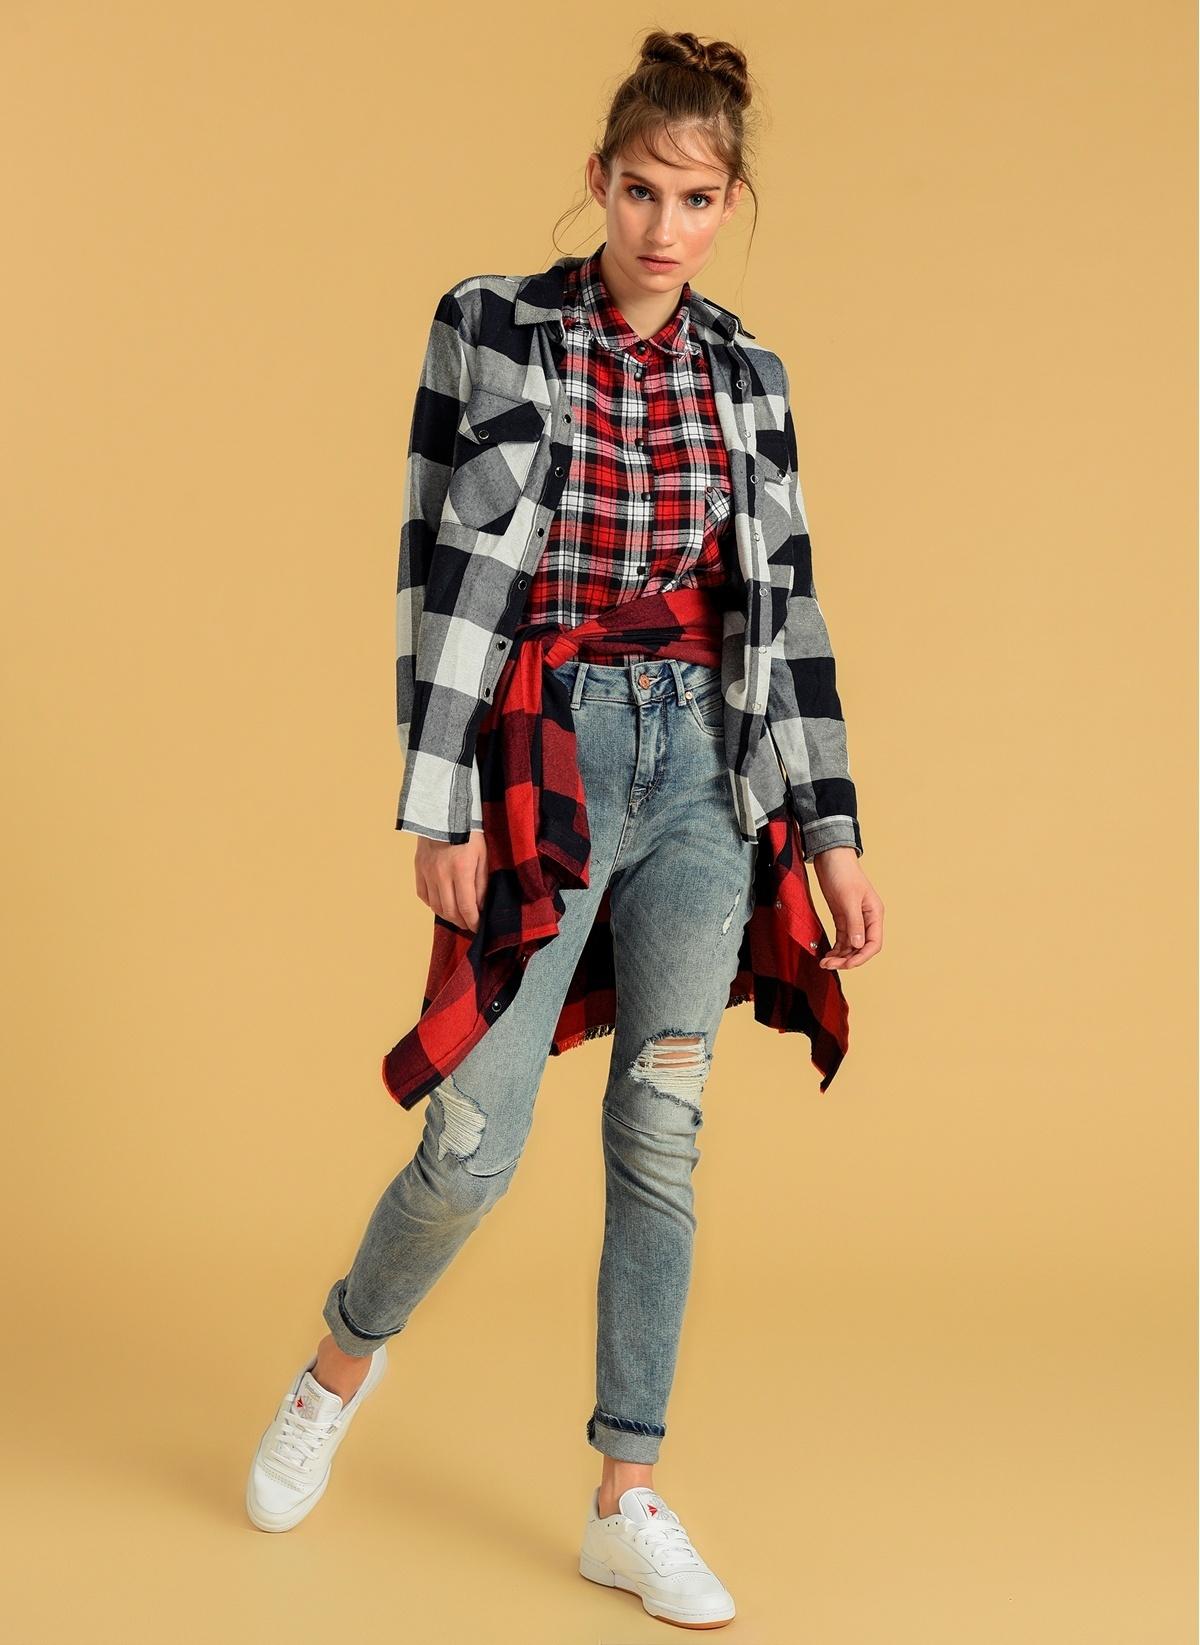 Vero Moda Jean Pantolon | Roxy – Antifit 10160197 Nmroxy Nw Antifit Dart Jeans Fg – 54.9 TL